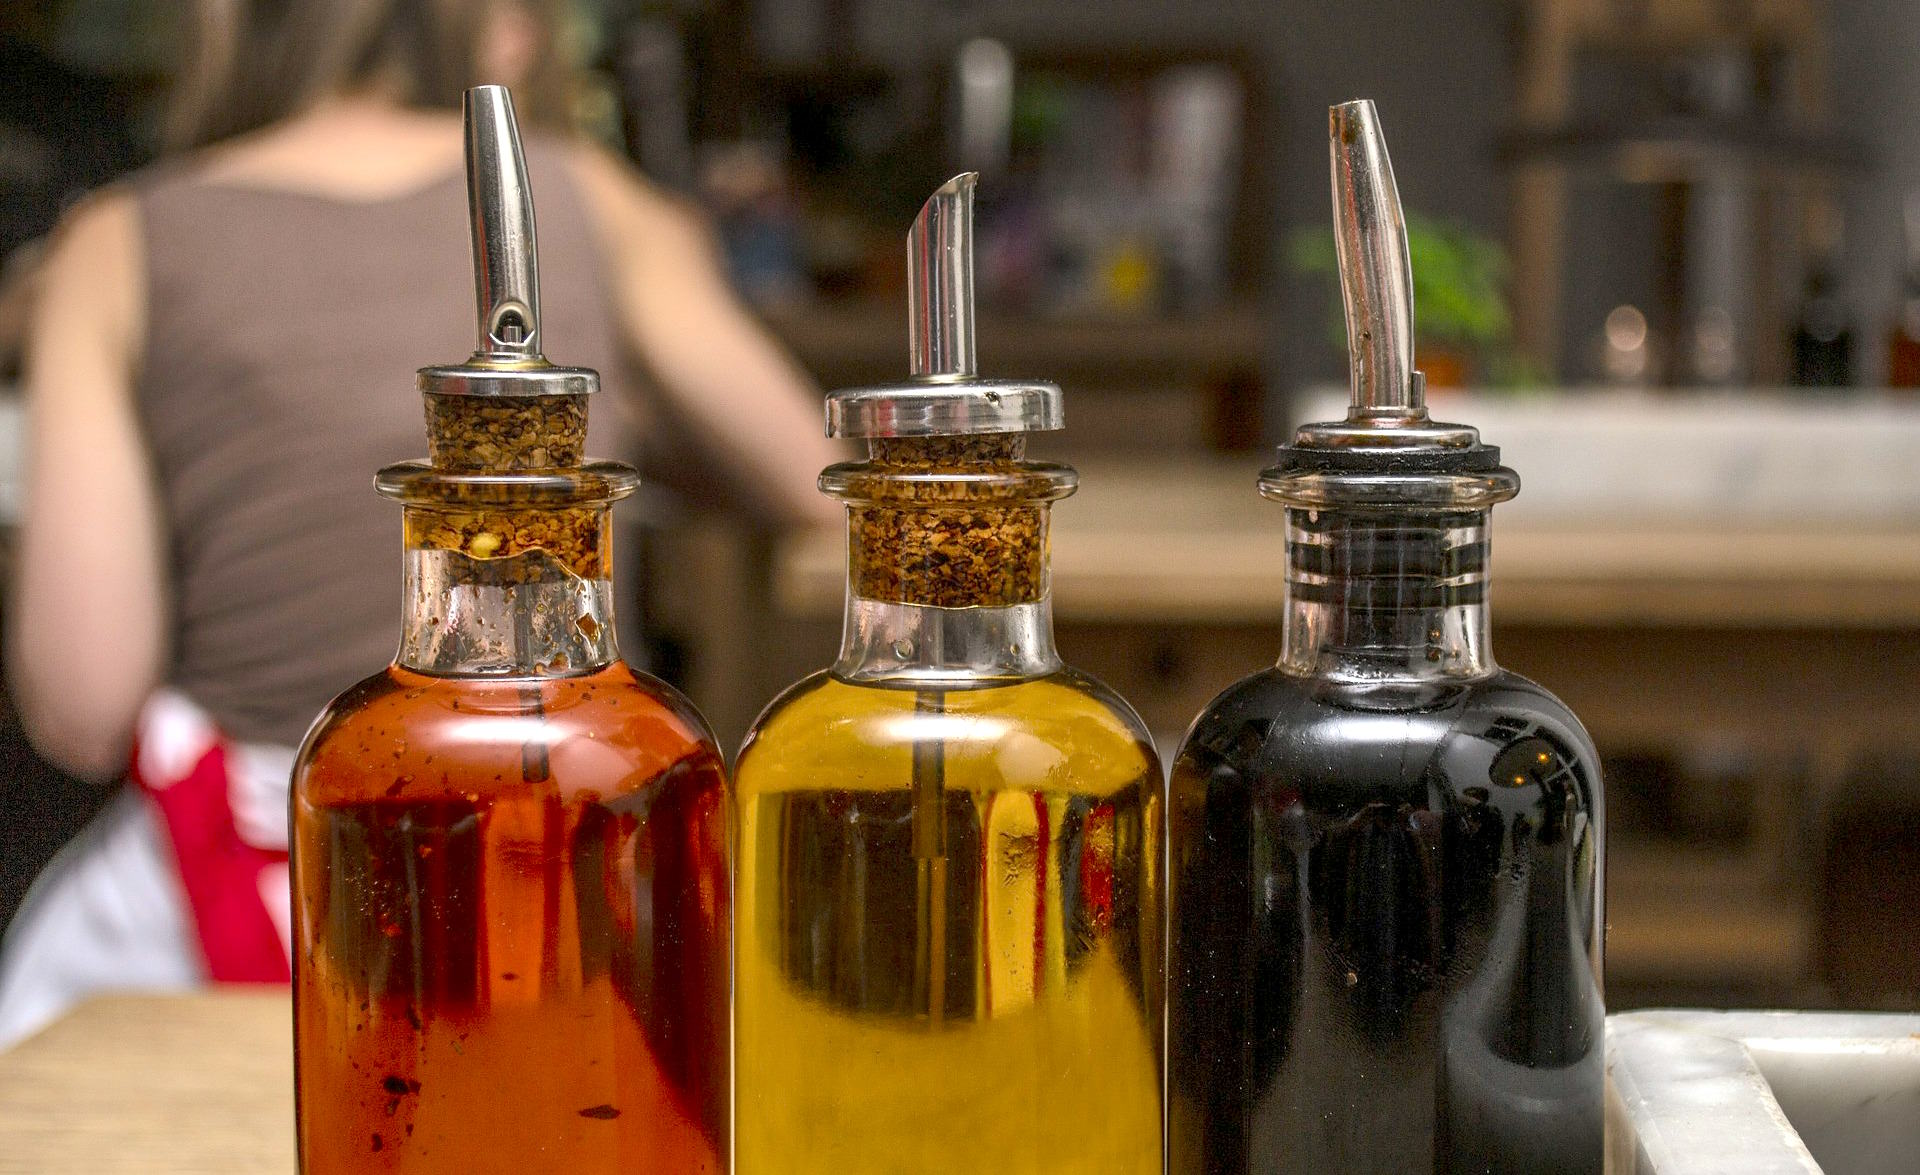 「醋泡的食物竟然有那麼多好處?」學會這 7 種醋泡料理,保證養生又健康!